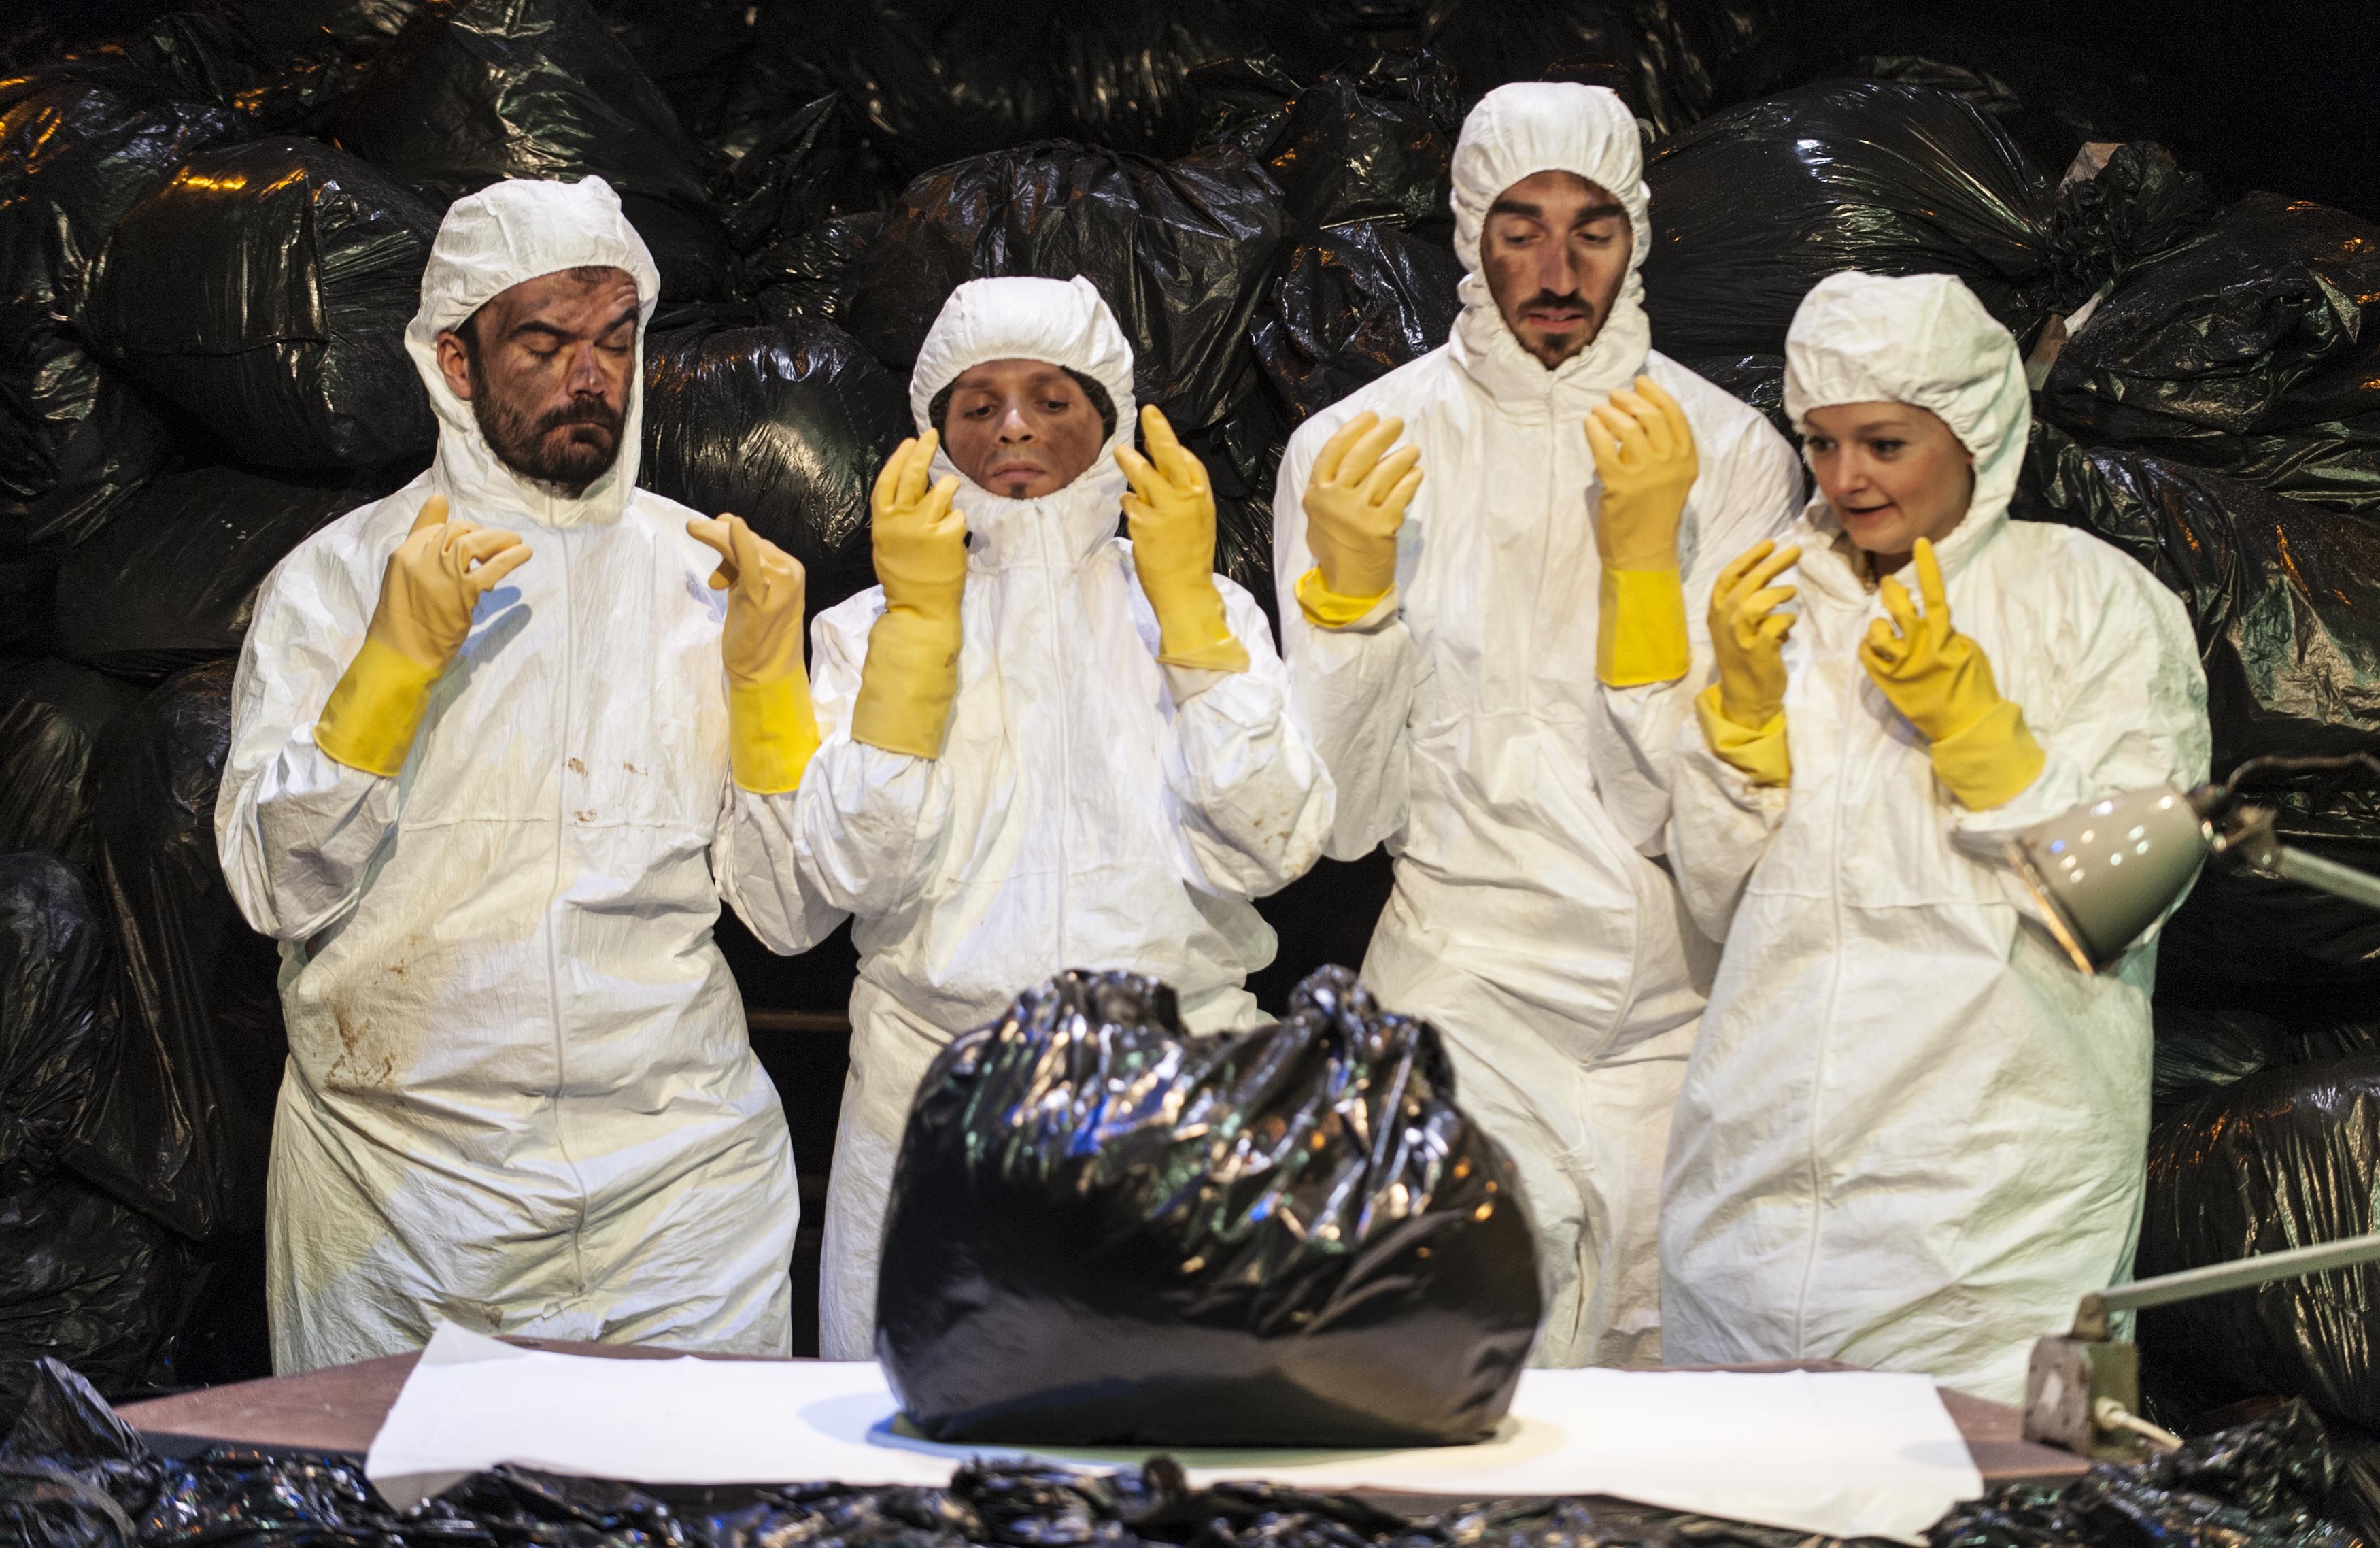 Rubbish by Theatre-Rites